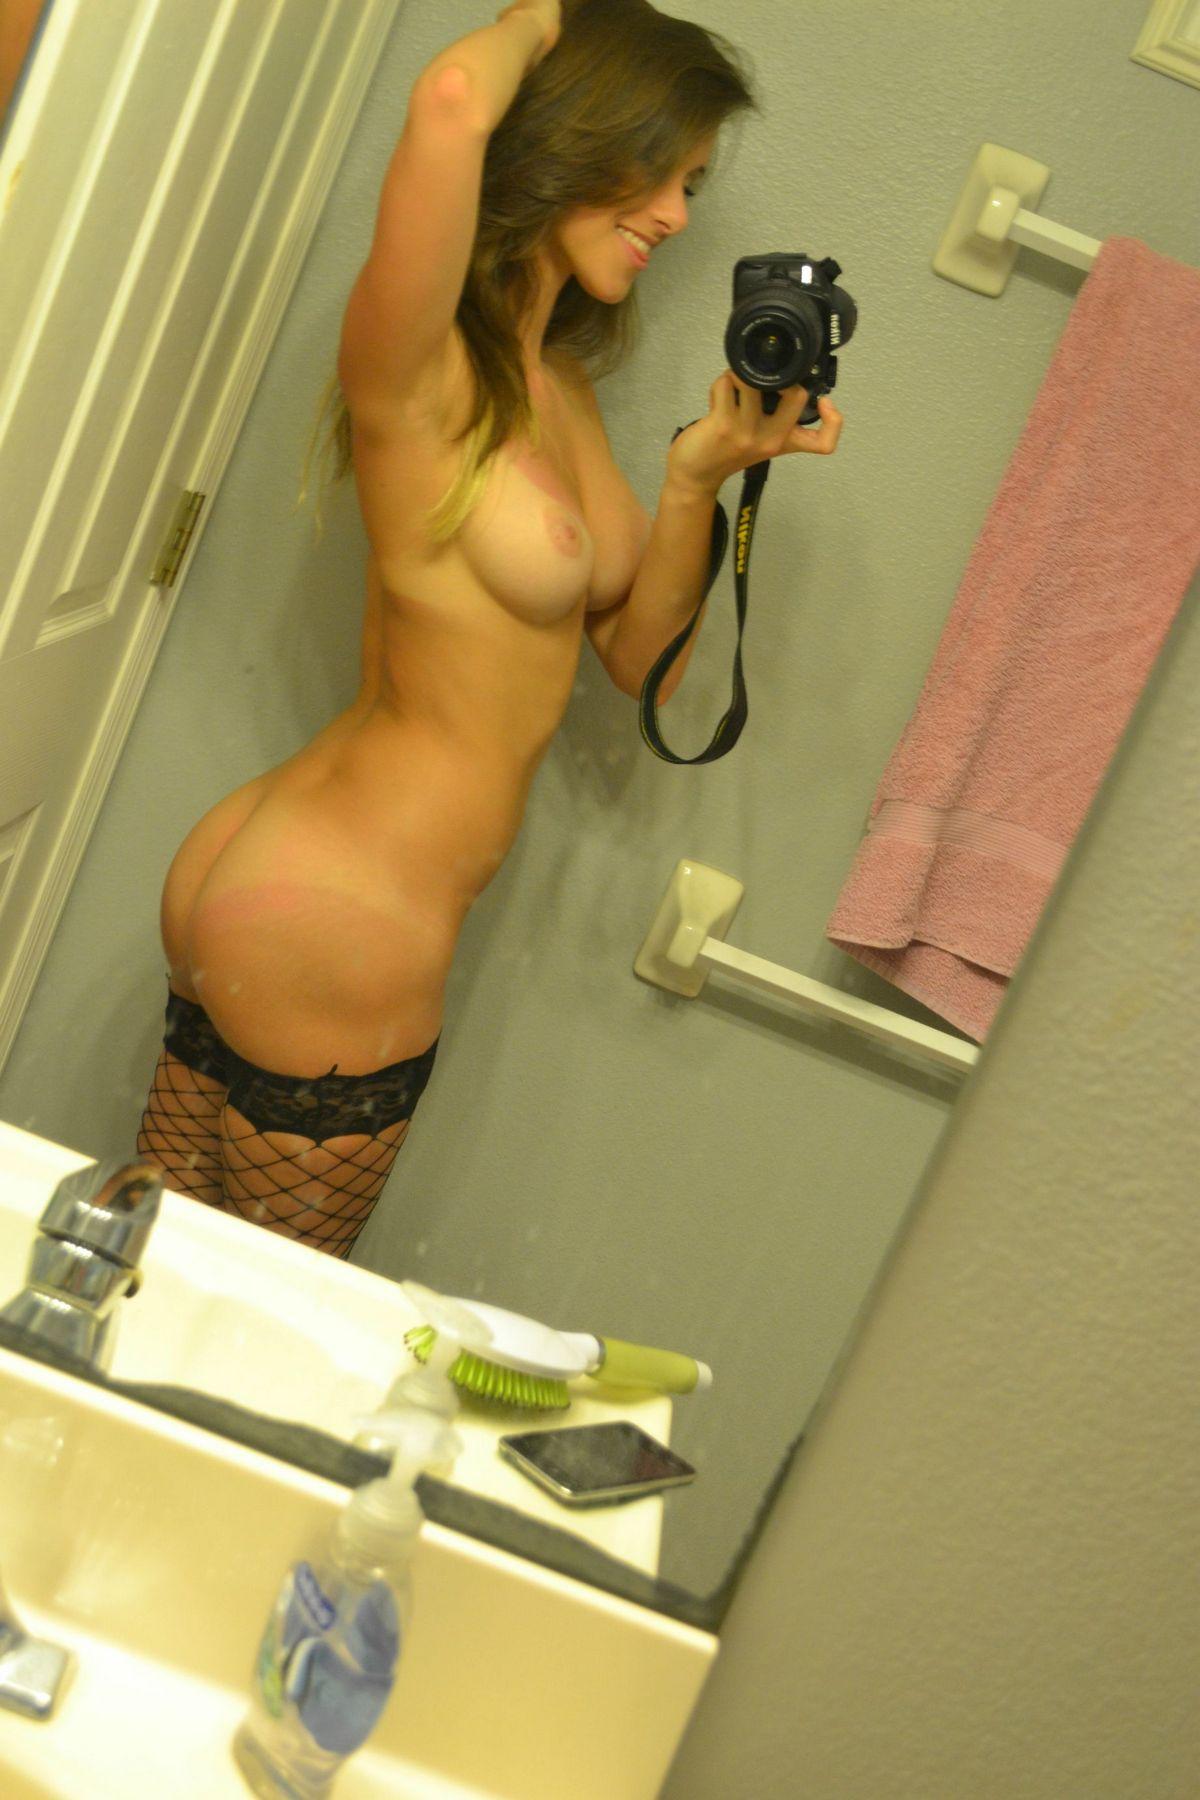 Худенькие пошлячки показывают тела перед зеркалом. Порно худенький.